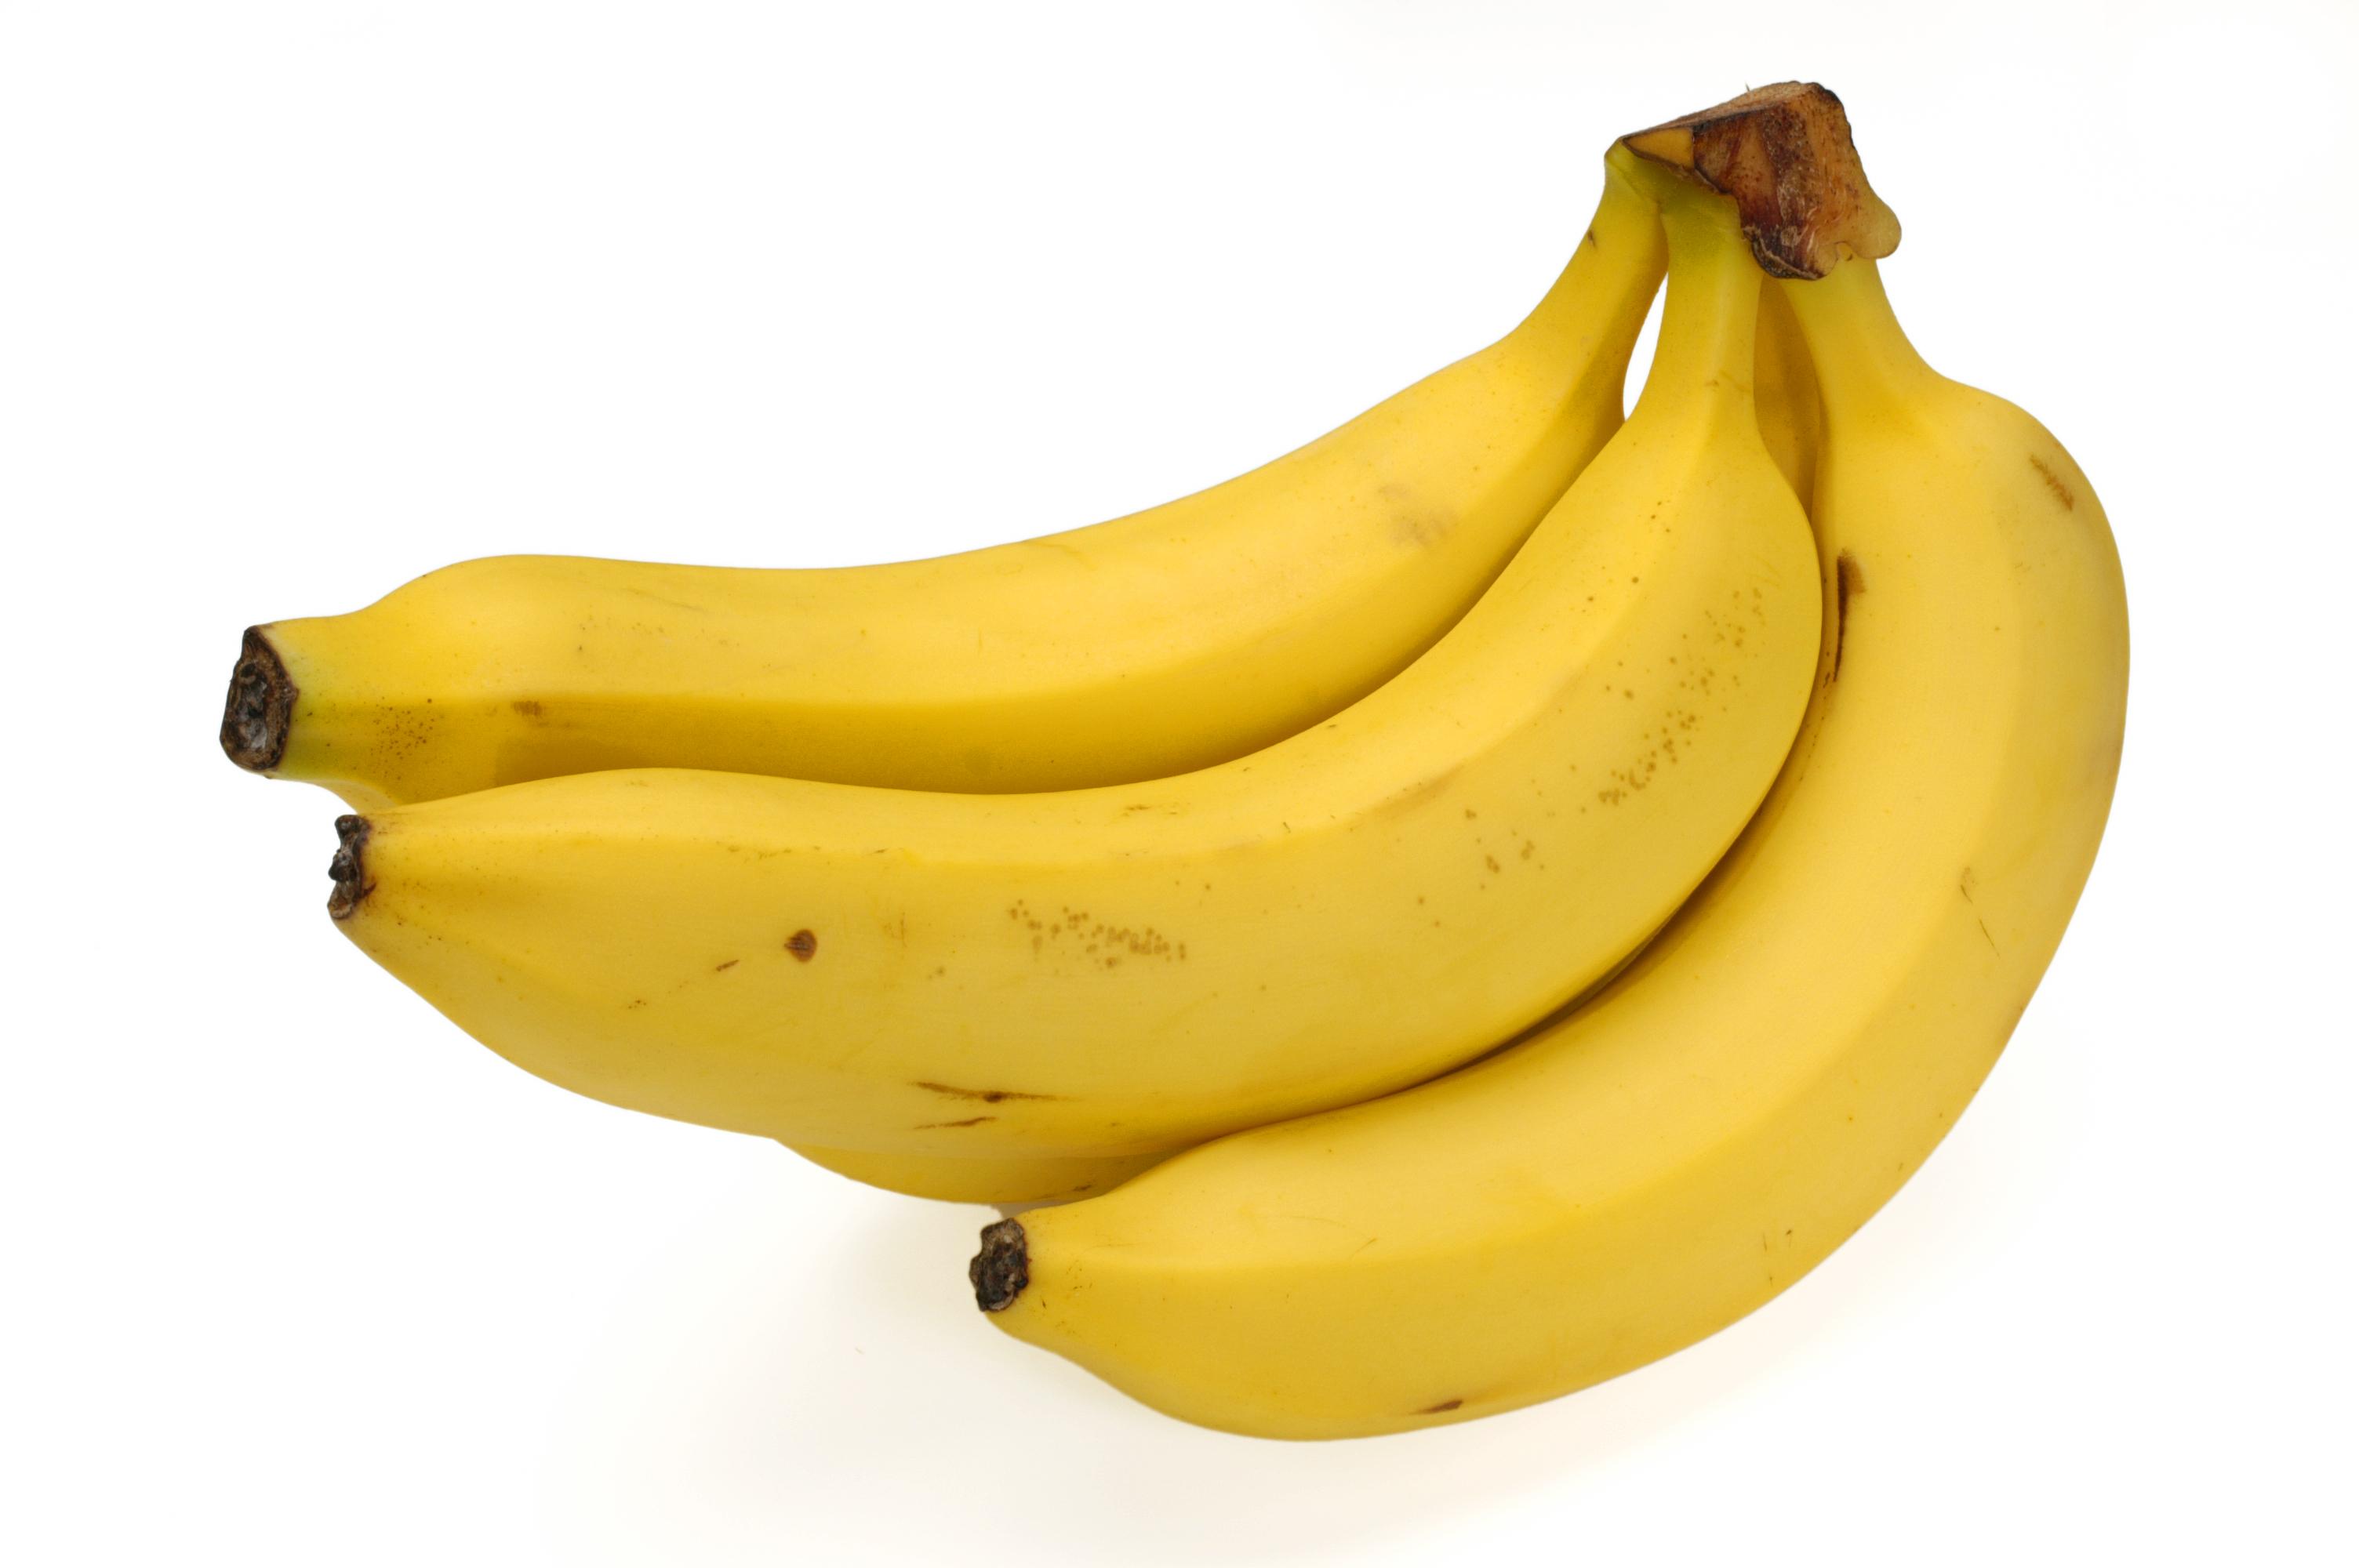 皆大好きなバナナは栄養満点!賞味期限を知って正しく保存しよう☆のサムネイル画像